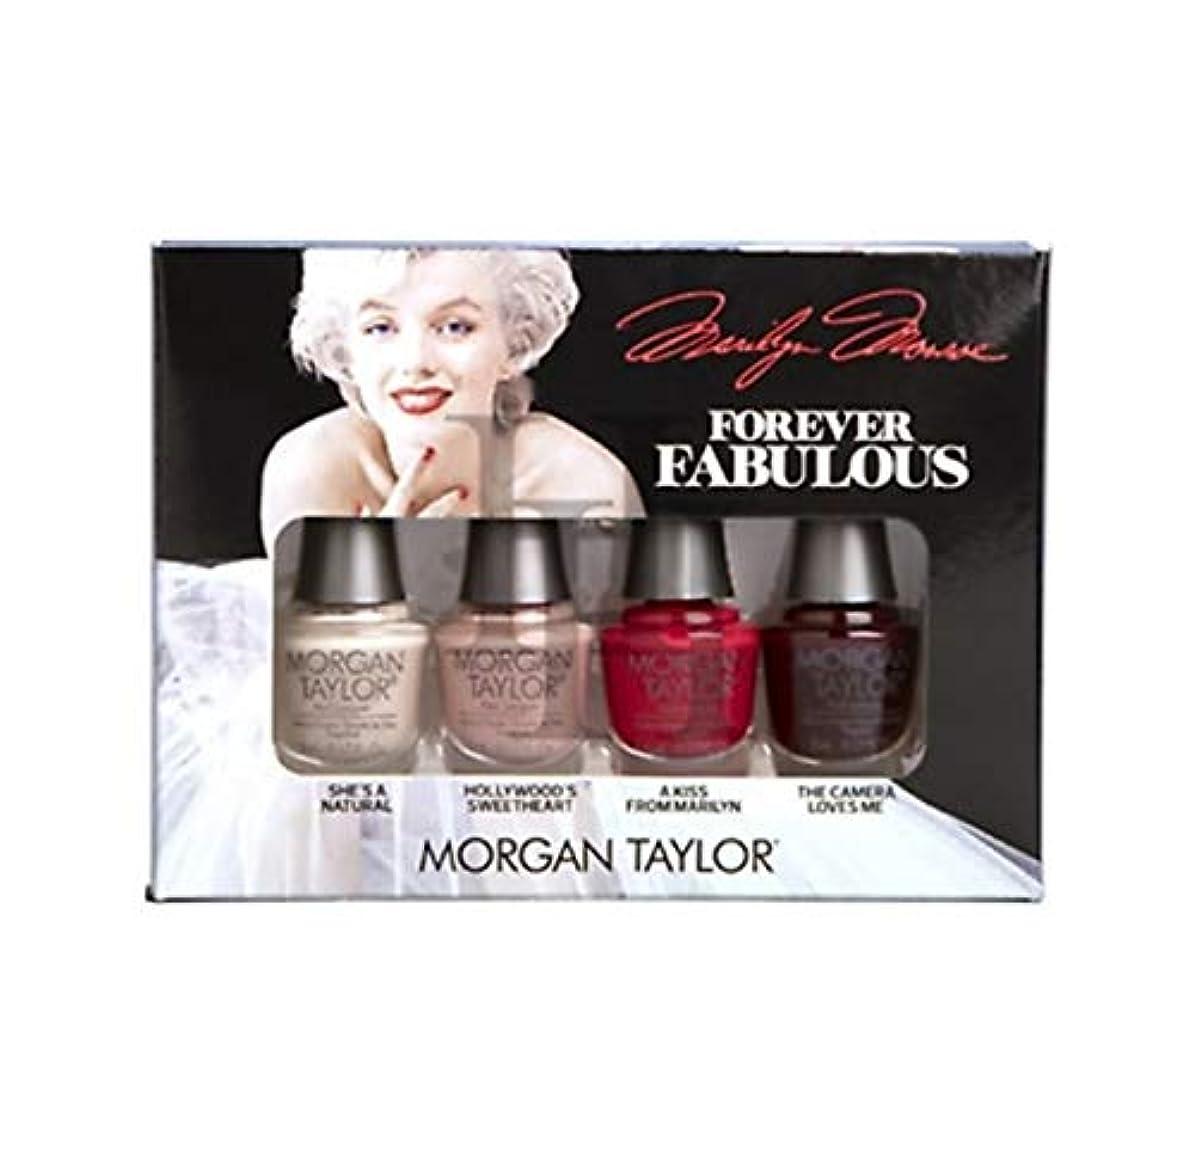 不快な魅了する立場Morgan Taylor - Forever Fabulous Marilyn Monroe Mini 4 Pack - 5 mL / 0.17 oz